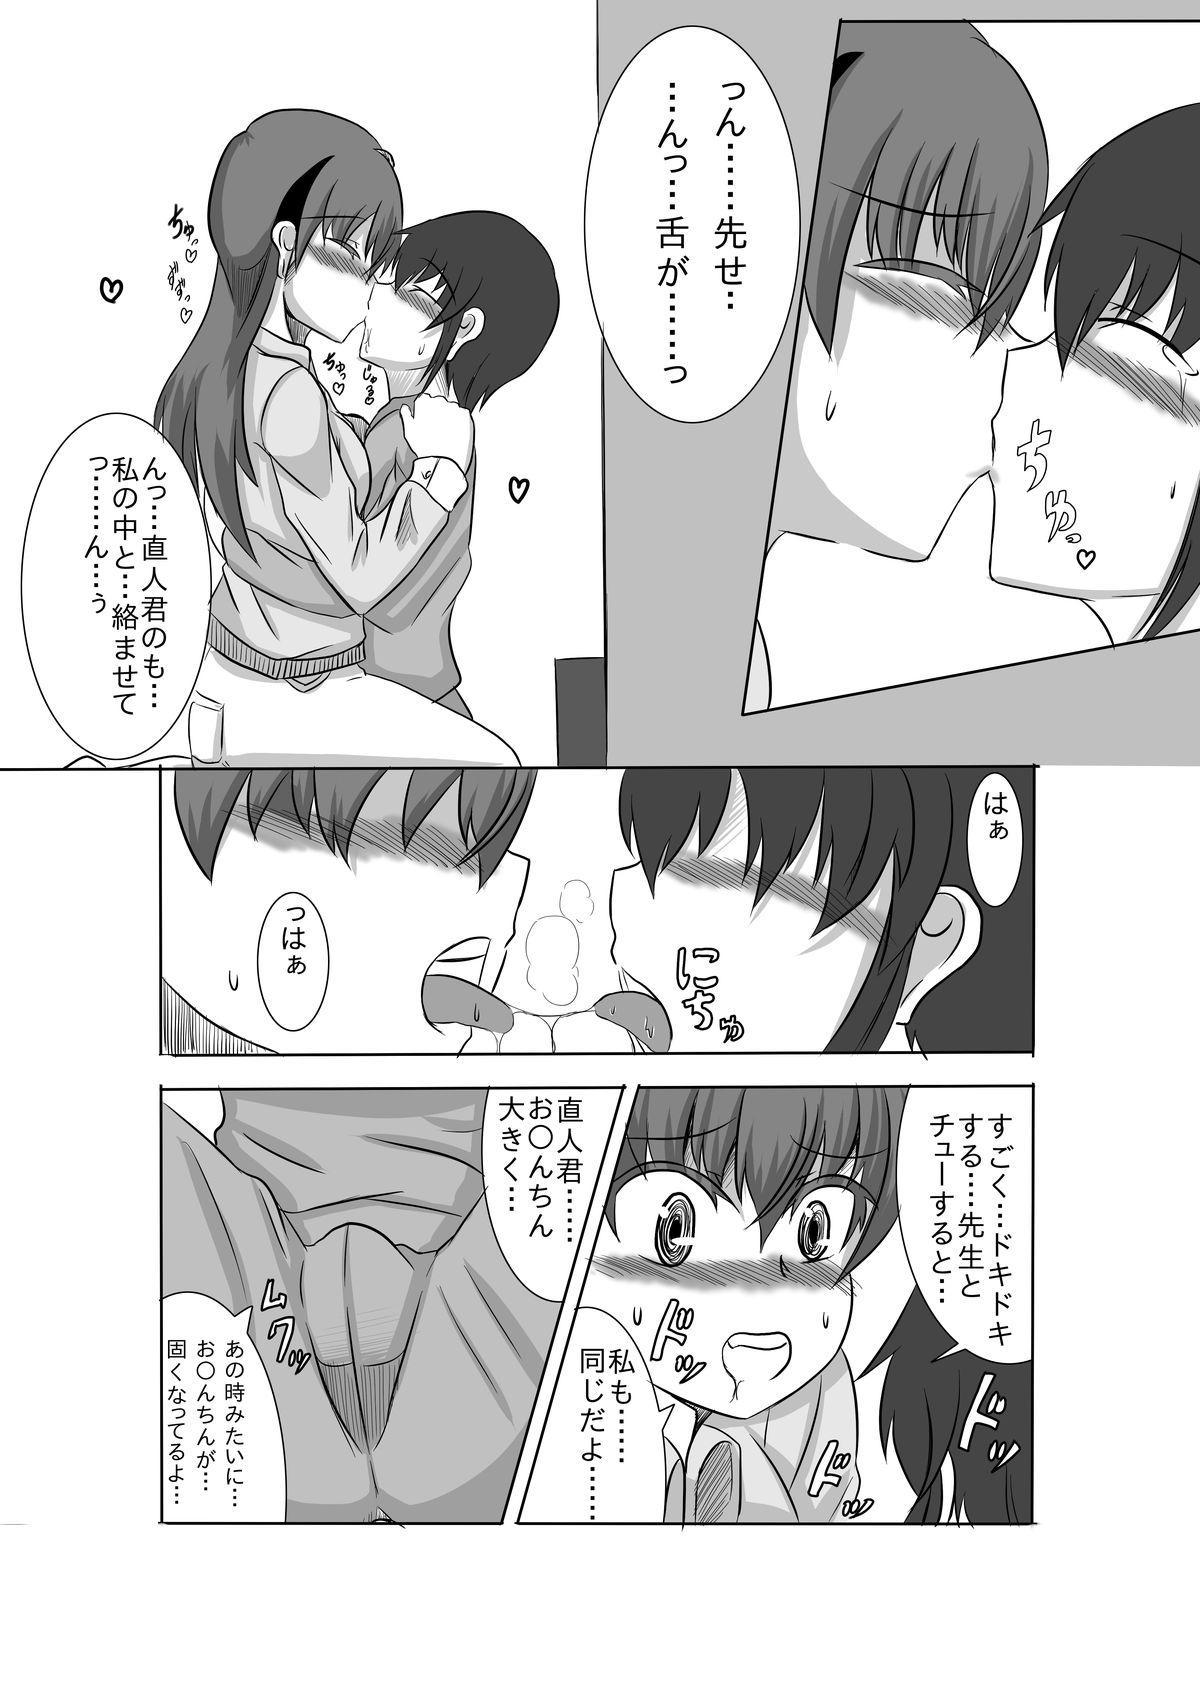 Kano Shota 2 15